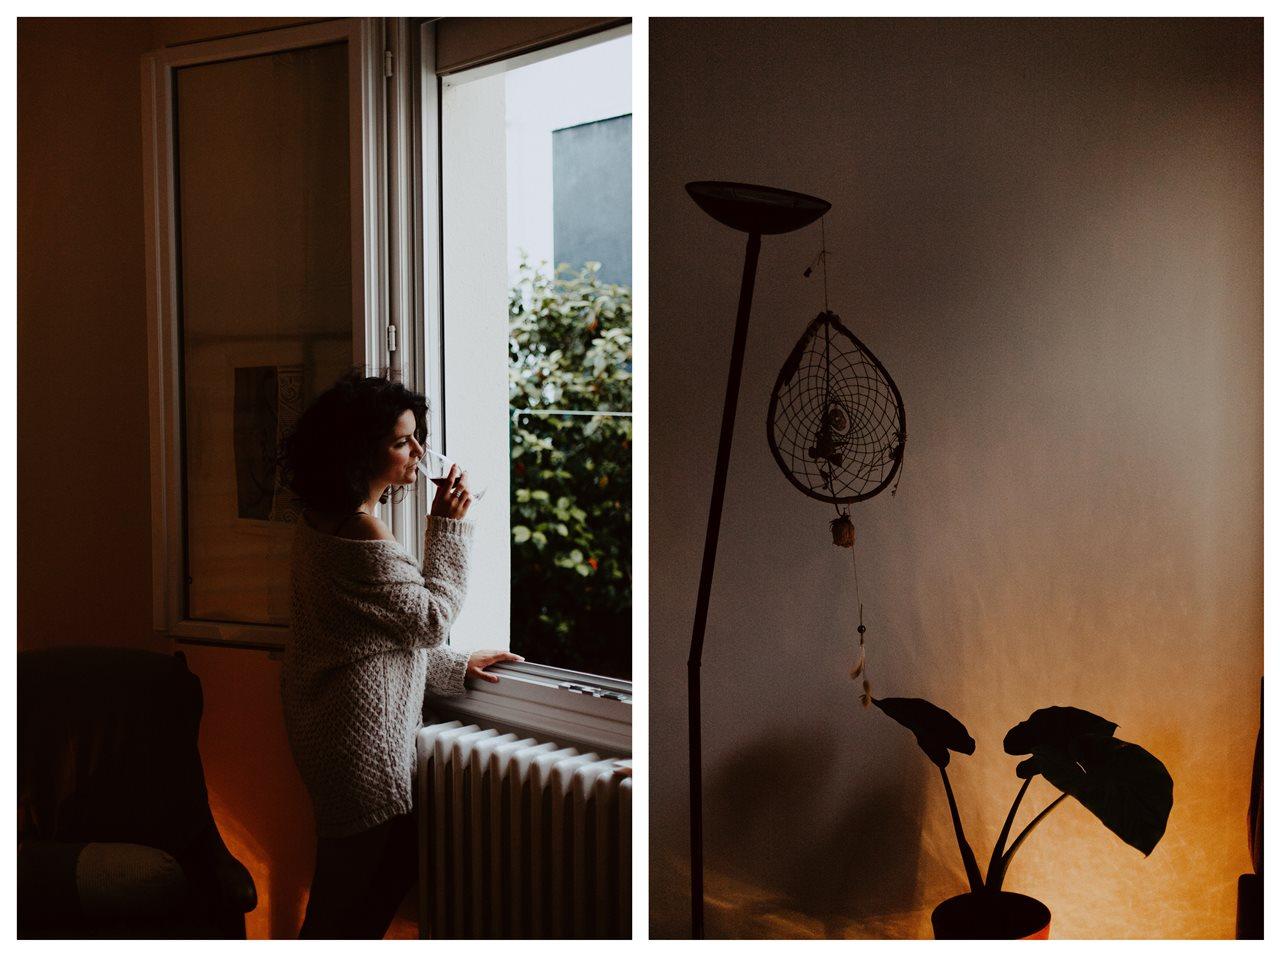 séance portrait femme intimiste vin fenêtre détails ambiance